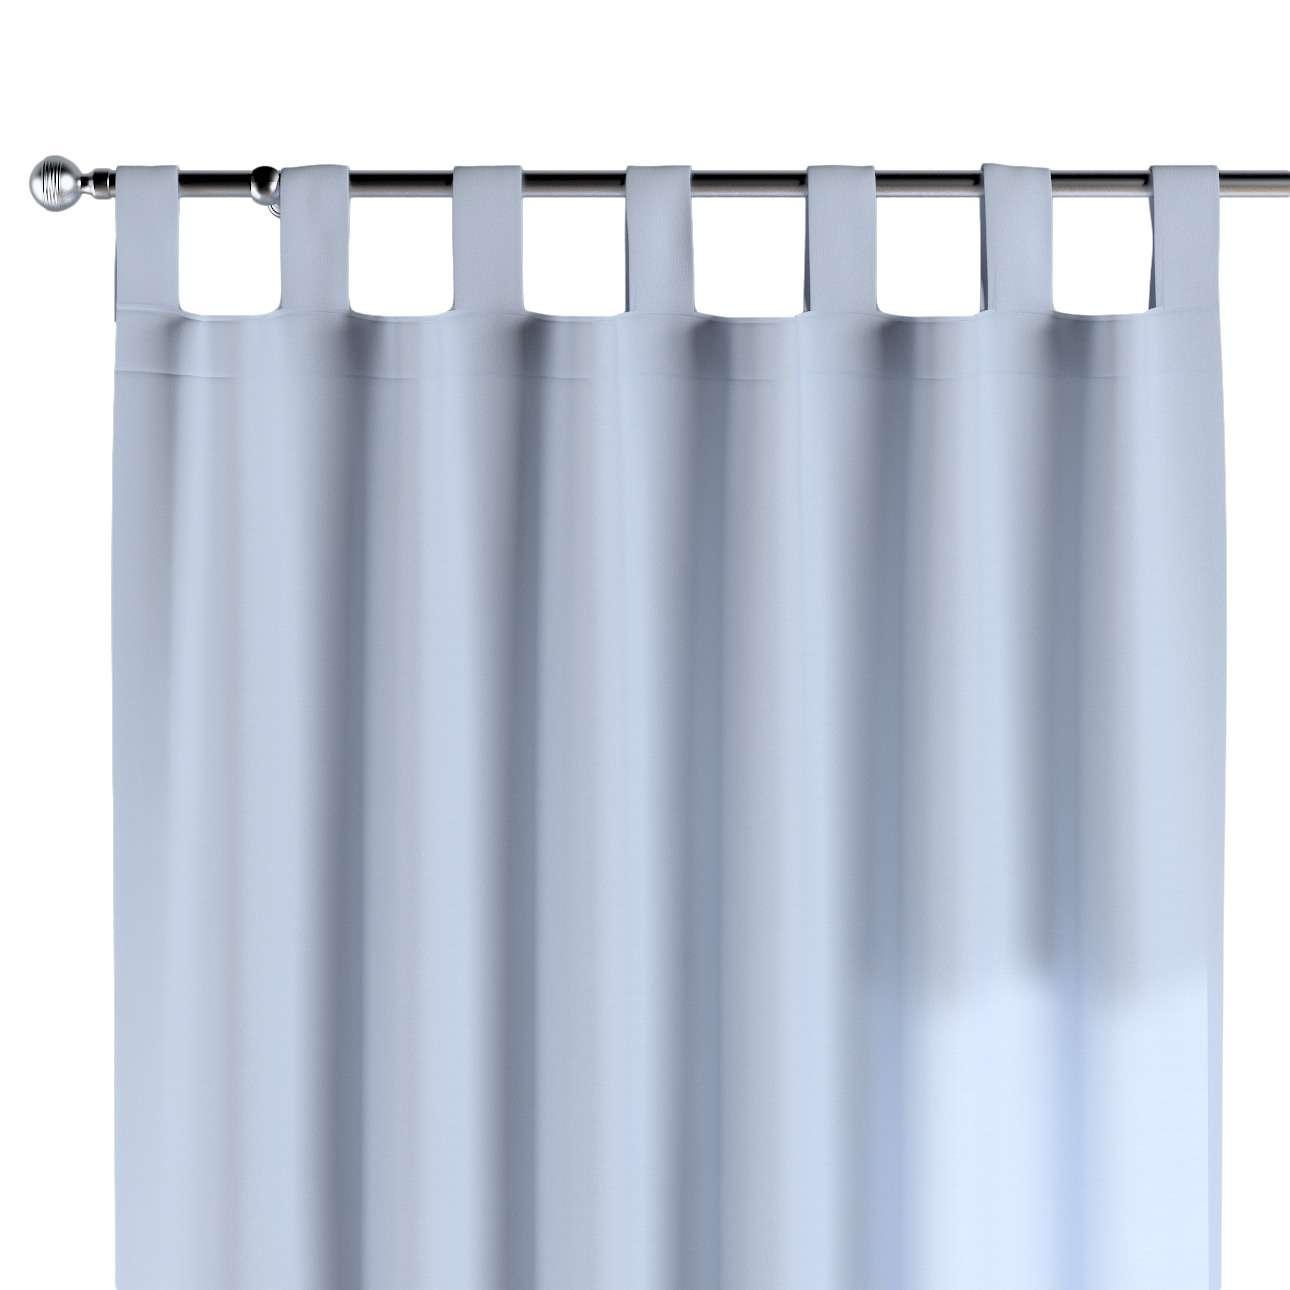 Zasłona na szelkach 1 szt. 1szt 130x260 cm w kolekcji Loneta, tkanina: 133-35